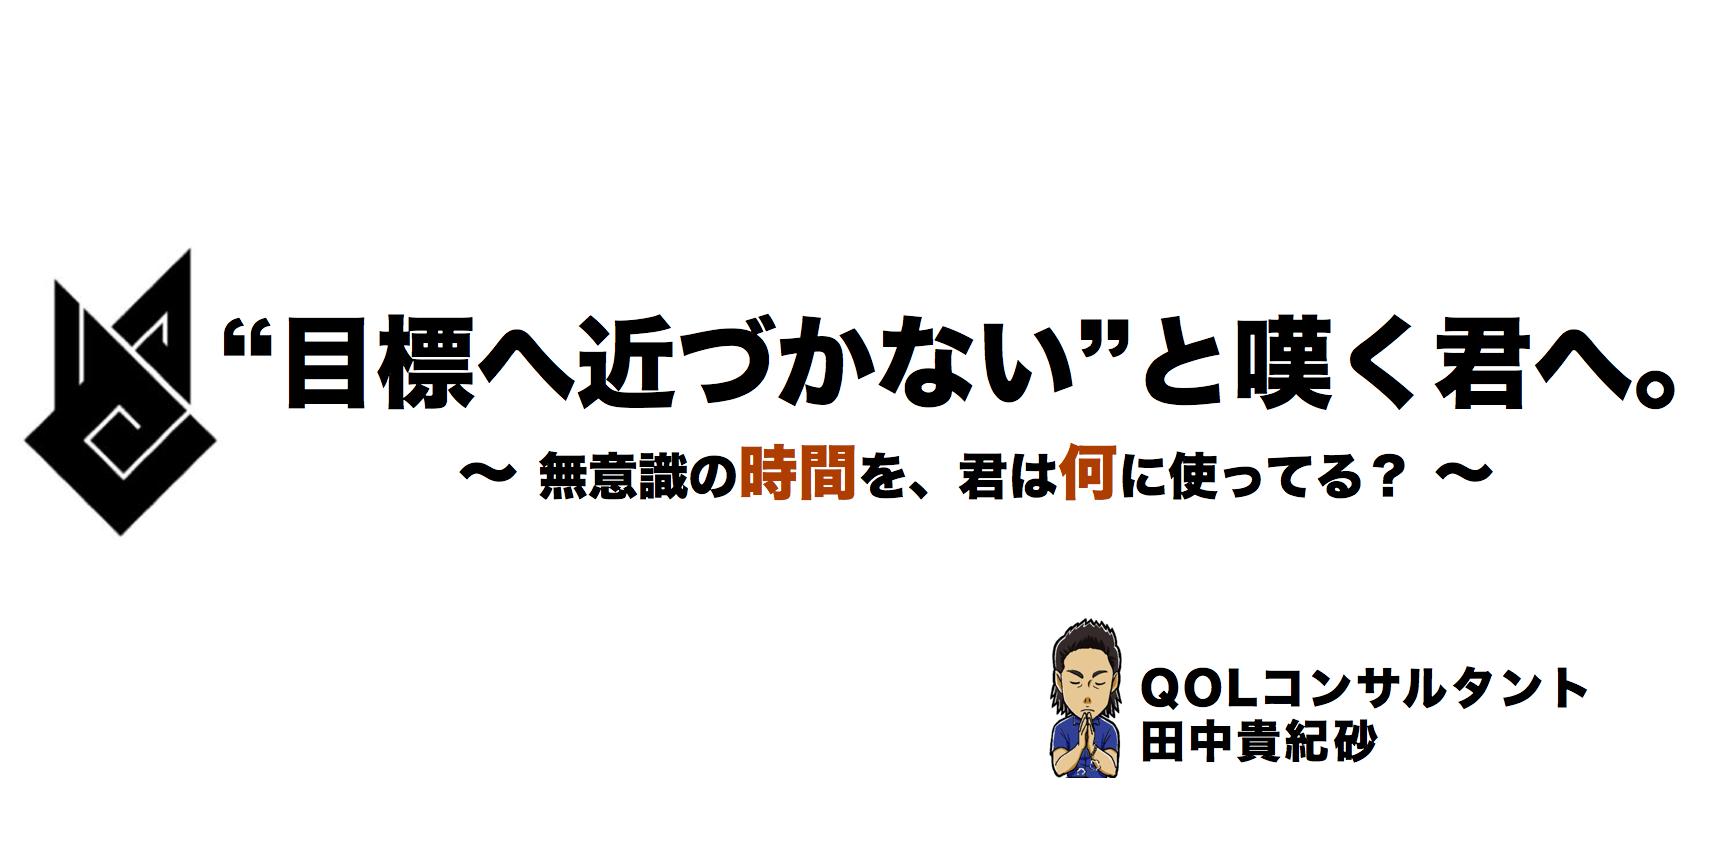 スクリーンショット 2015-06-23 12.31.47